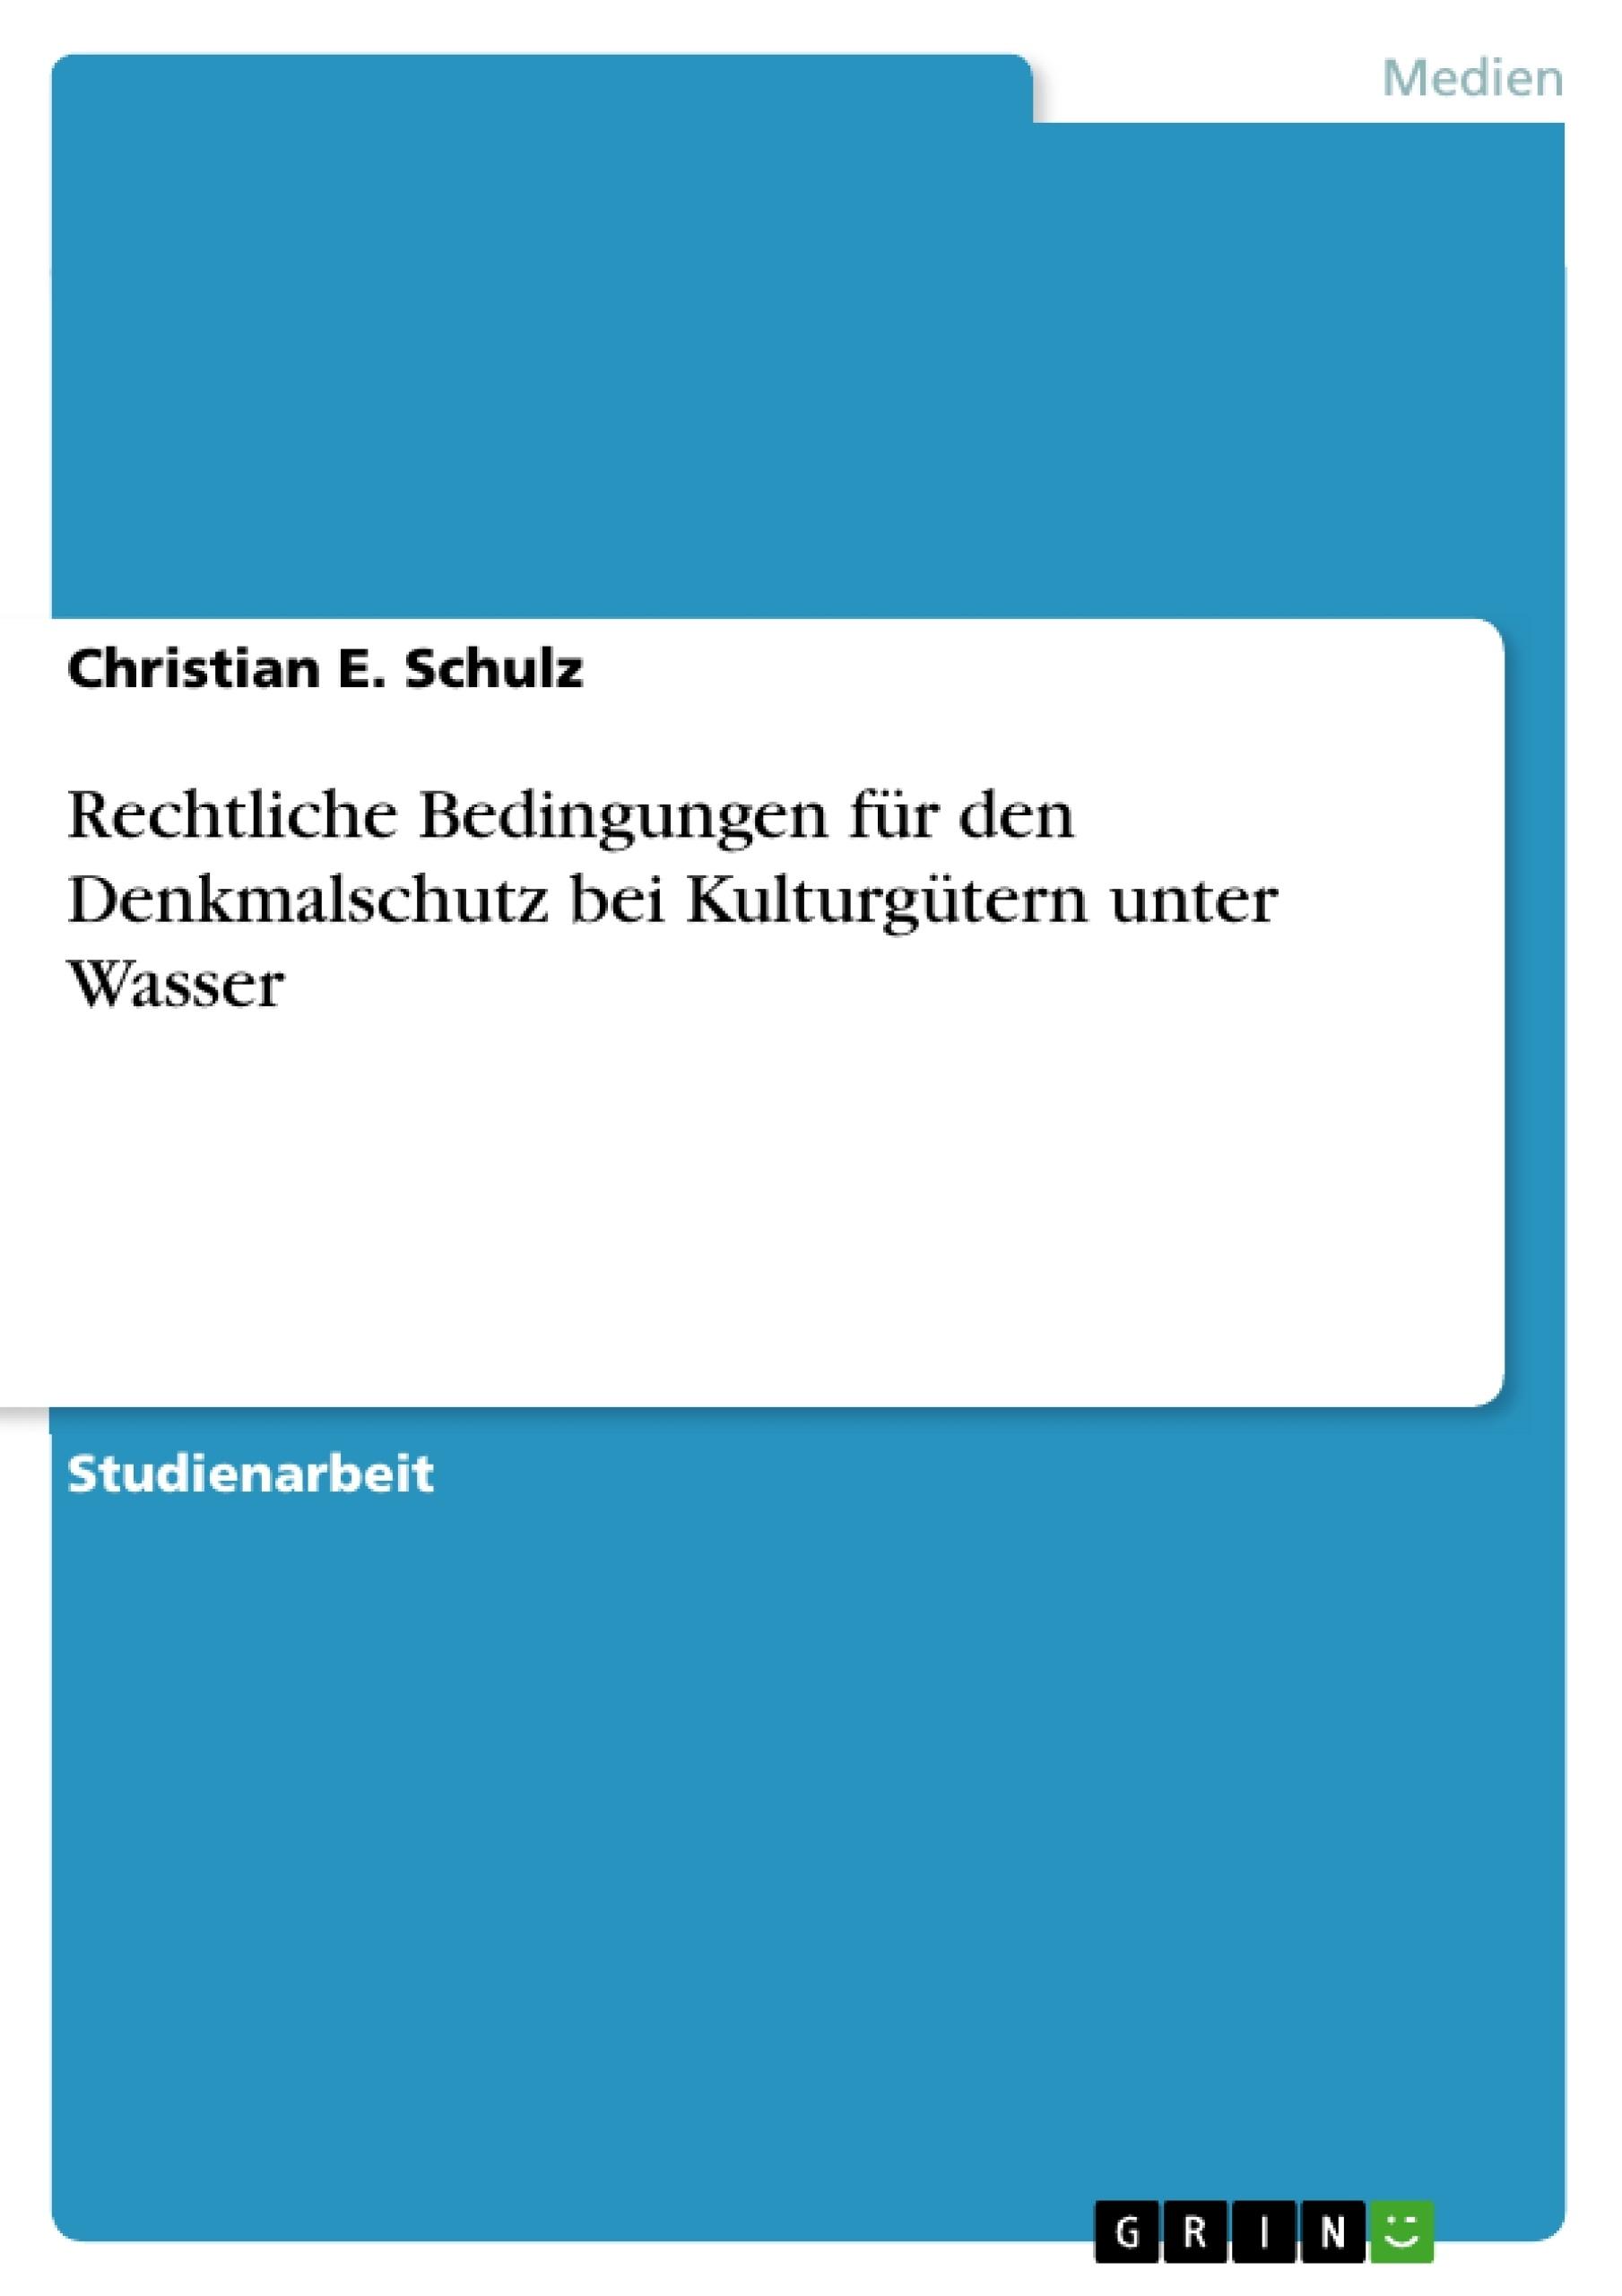 Titel: Rechtliche Bedingungen für den Denkmalschutz bei Kulturgütern unter Wasser